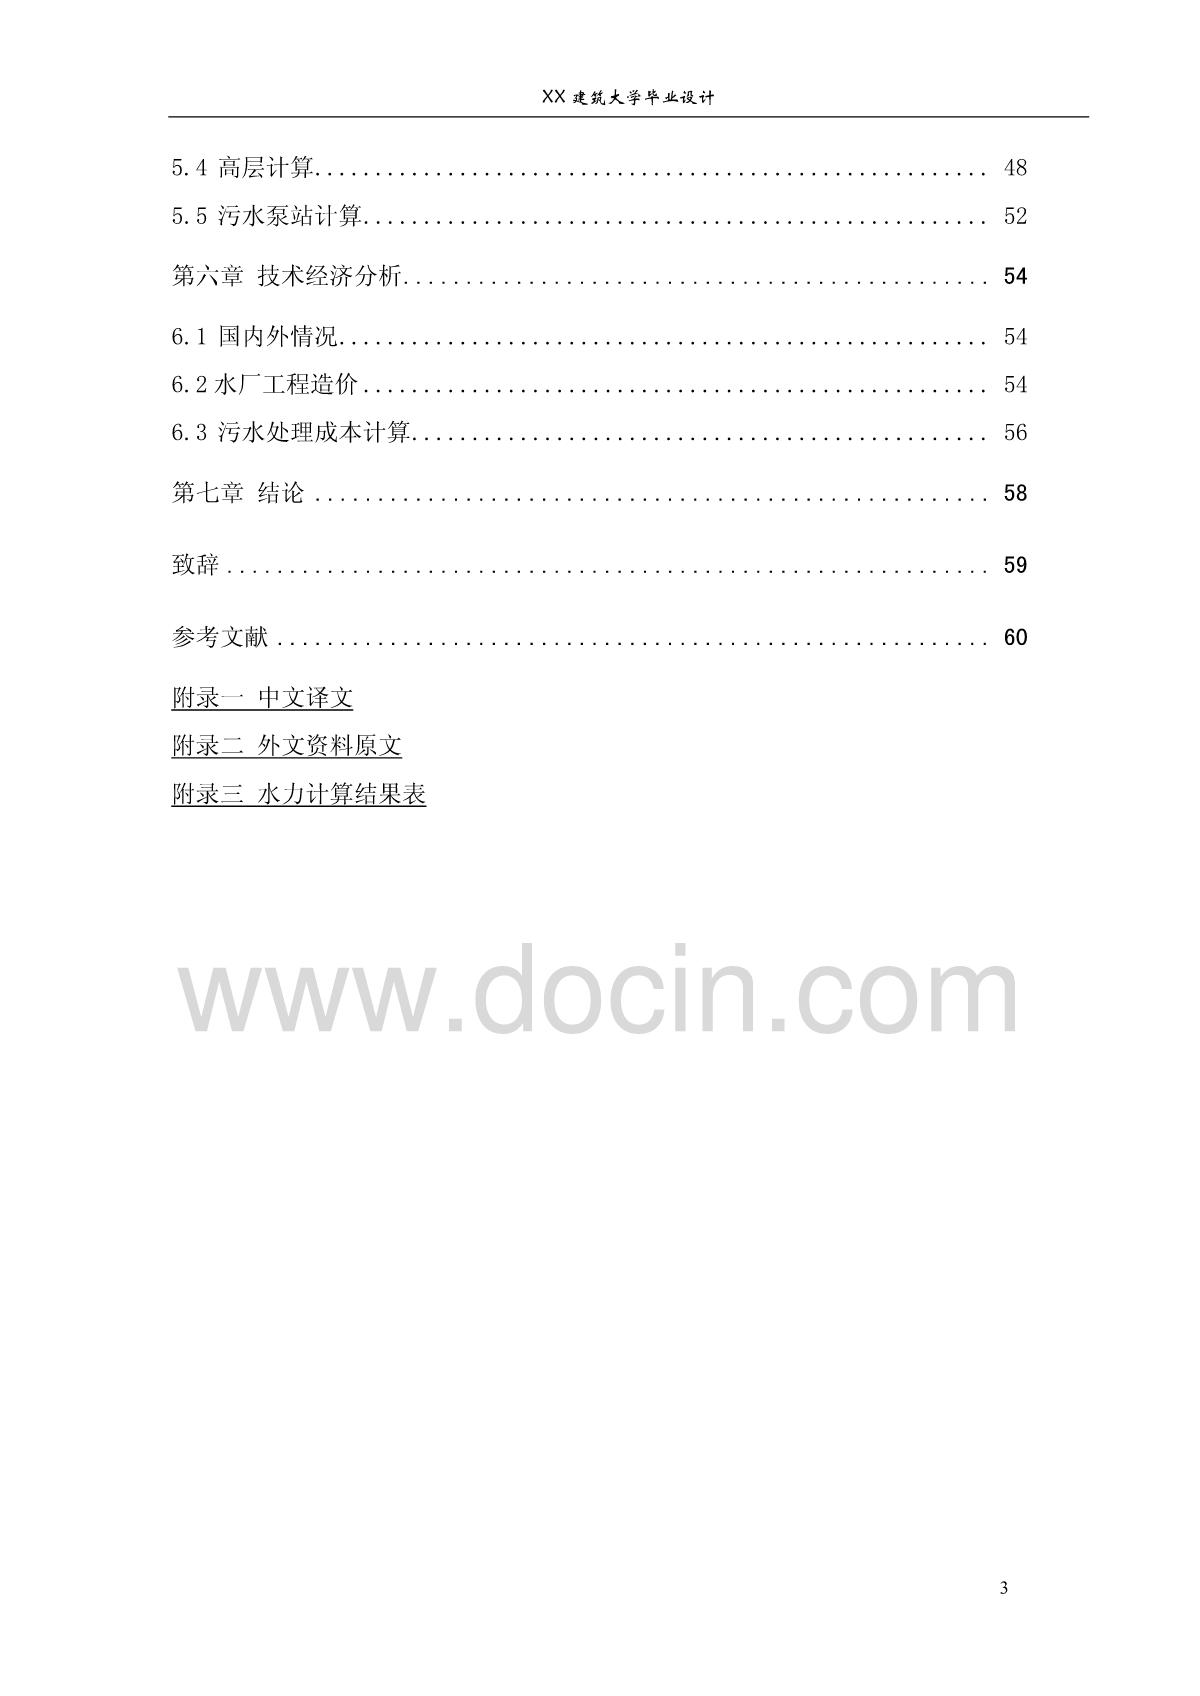 某排水工程规划及污水处理厂毕业设计说明书-图二